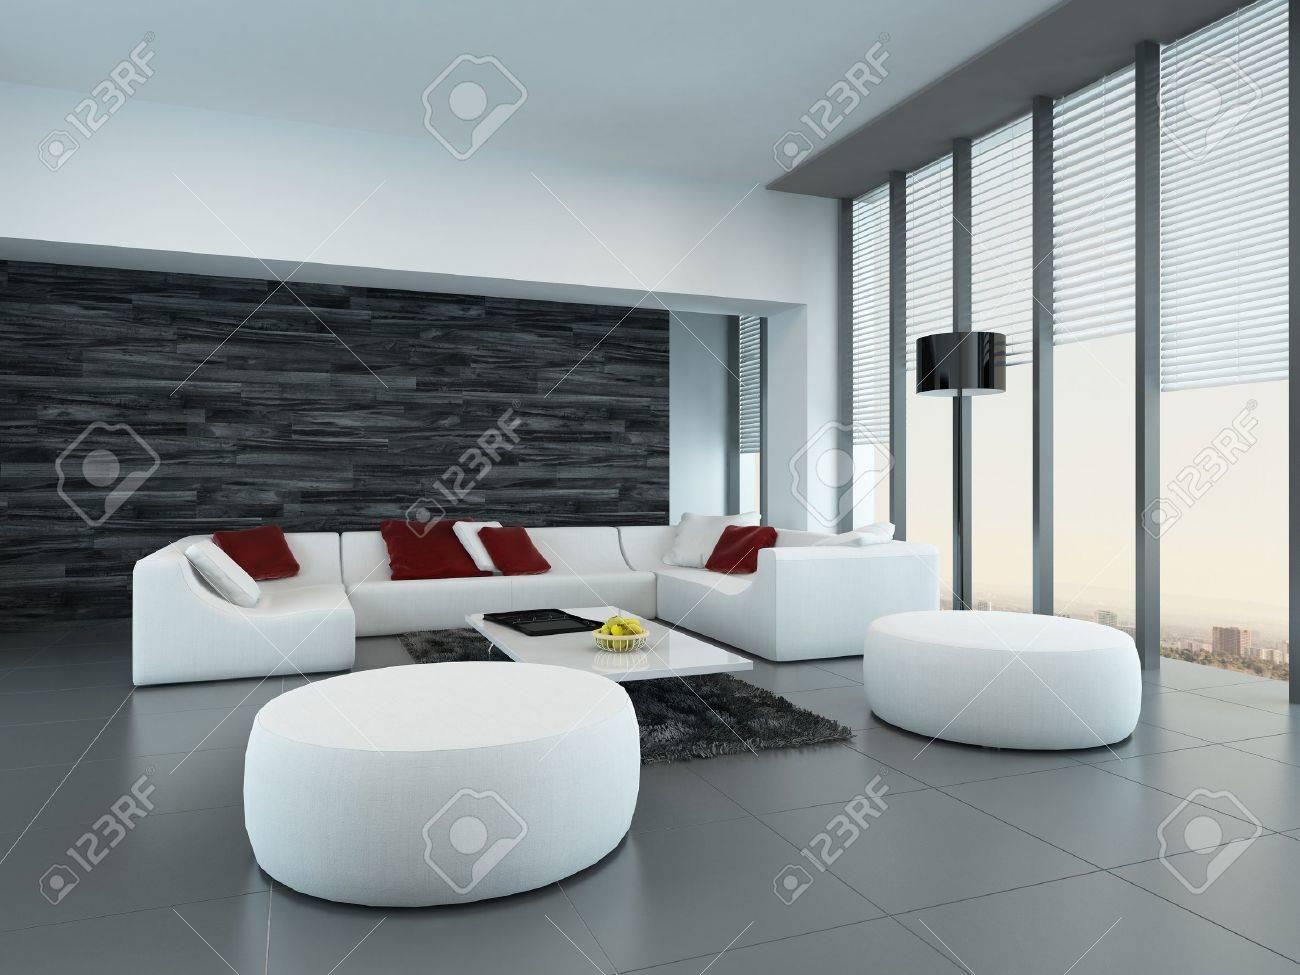 perspective inclinee d un gris et blanc salon moderne interieur avec des poufs et un grand canape en face des fenetres du sol au plafond de verre